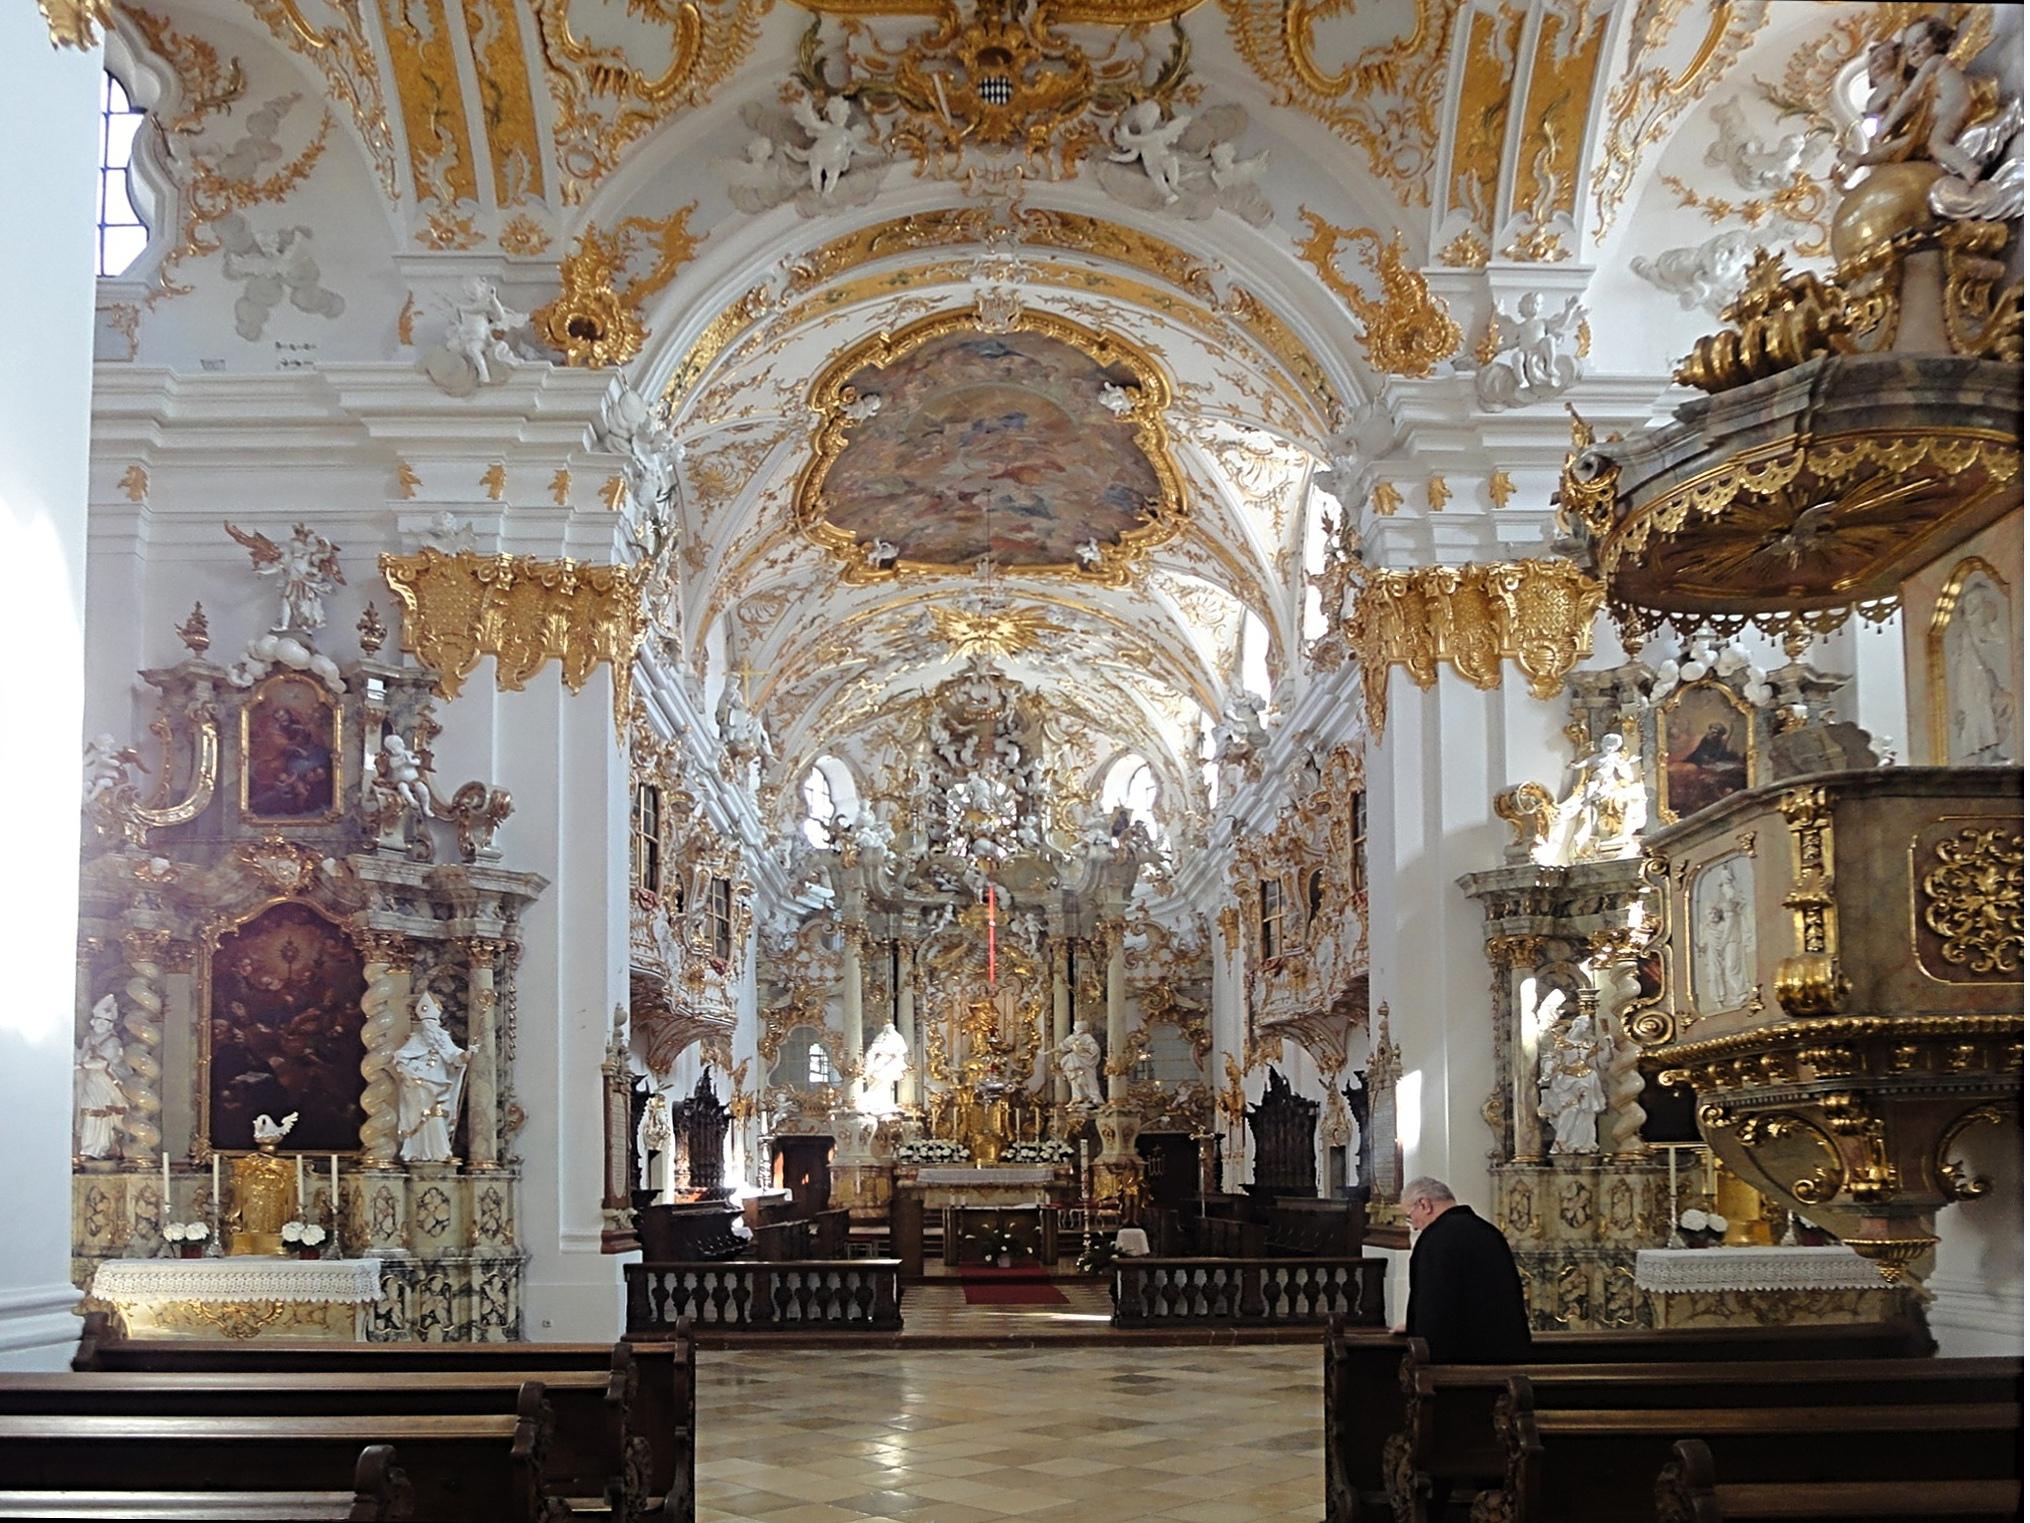 File:Alte Kapelle Regensburg5.JPG - Wikimedia Commons